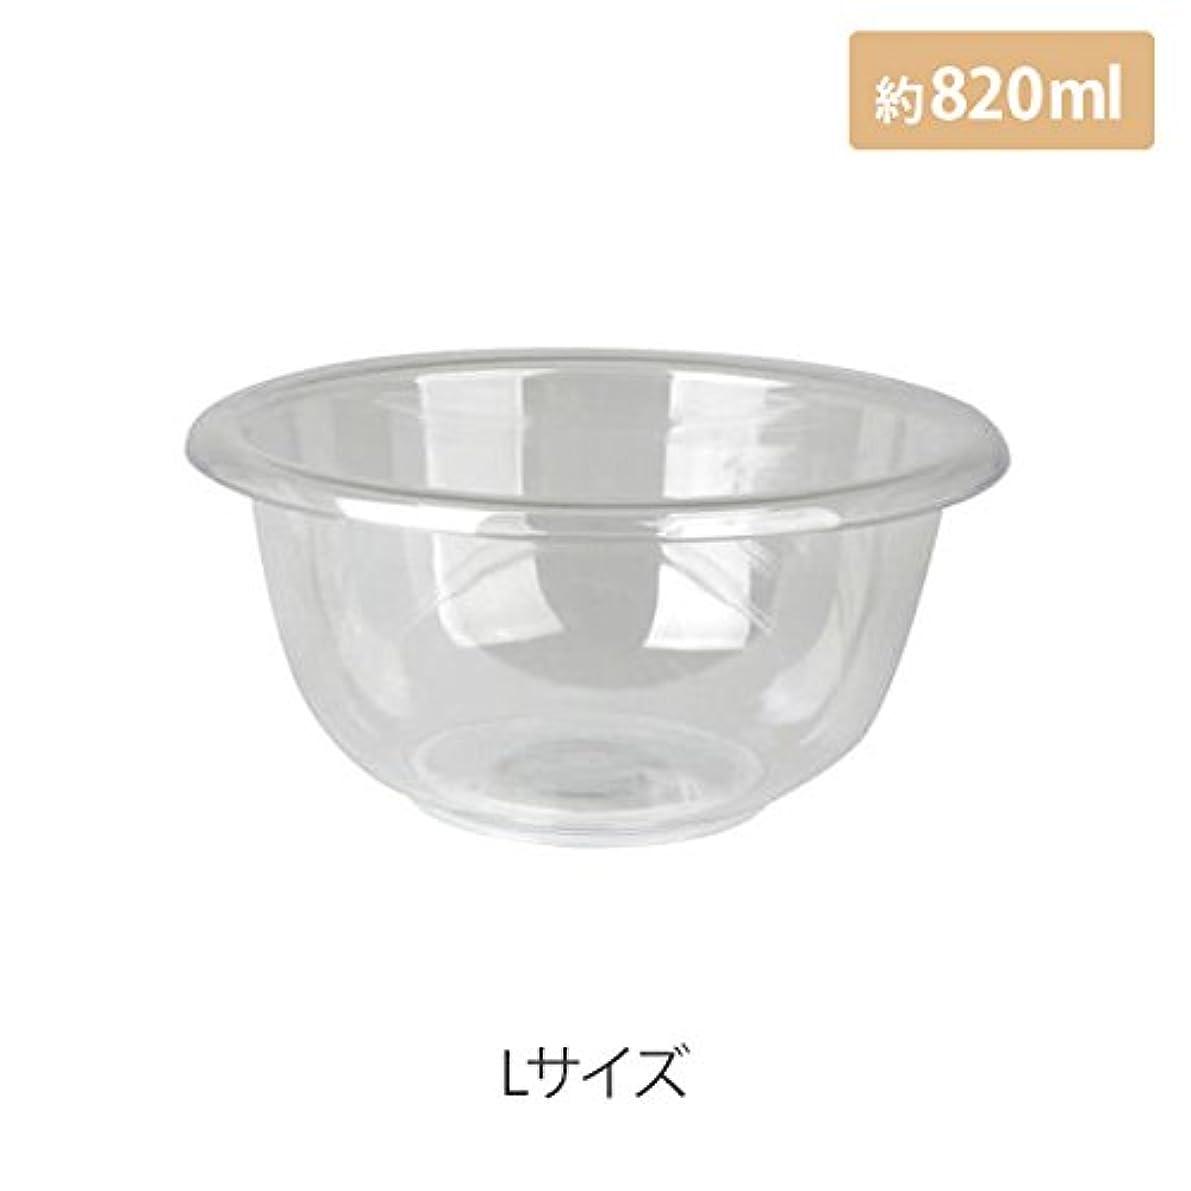 命令的タップ保存マイスター プラスティックボウル (Lサイズ) クリア 直径19.5cm [ プラスチックボール カップボウル カップボール エステ サロン プラスチック ボウル カップ 割れない ]